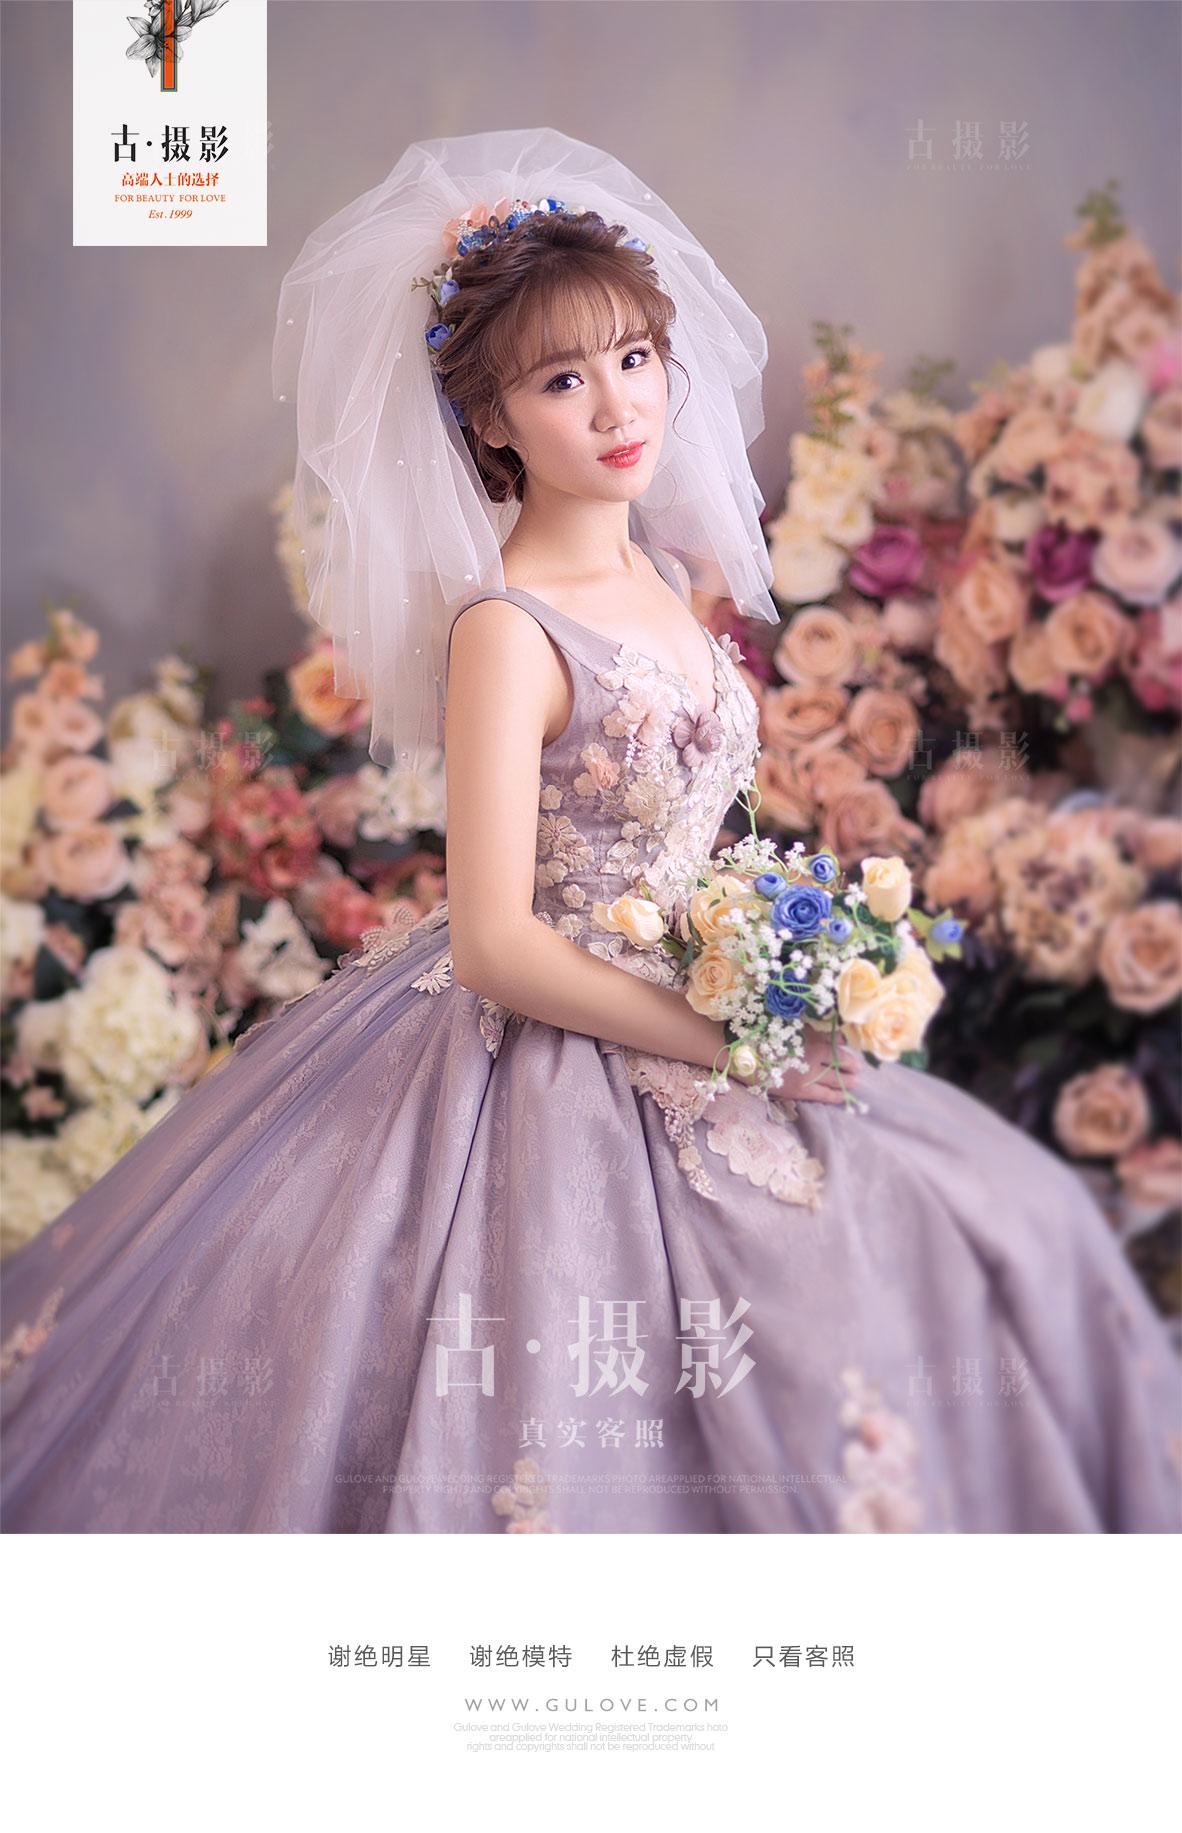 8月客照第一季 - 月度客照 - 古摄影婚纱艺术-古摄影成都婚纱摄影艺术摄影网